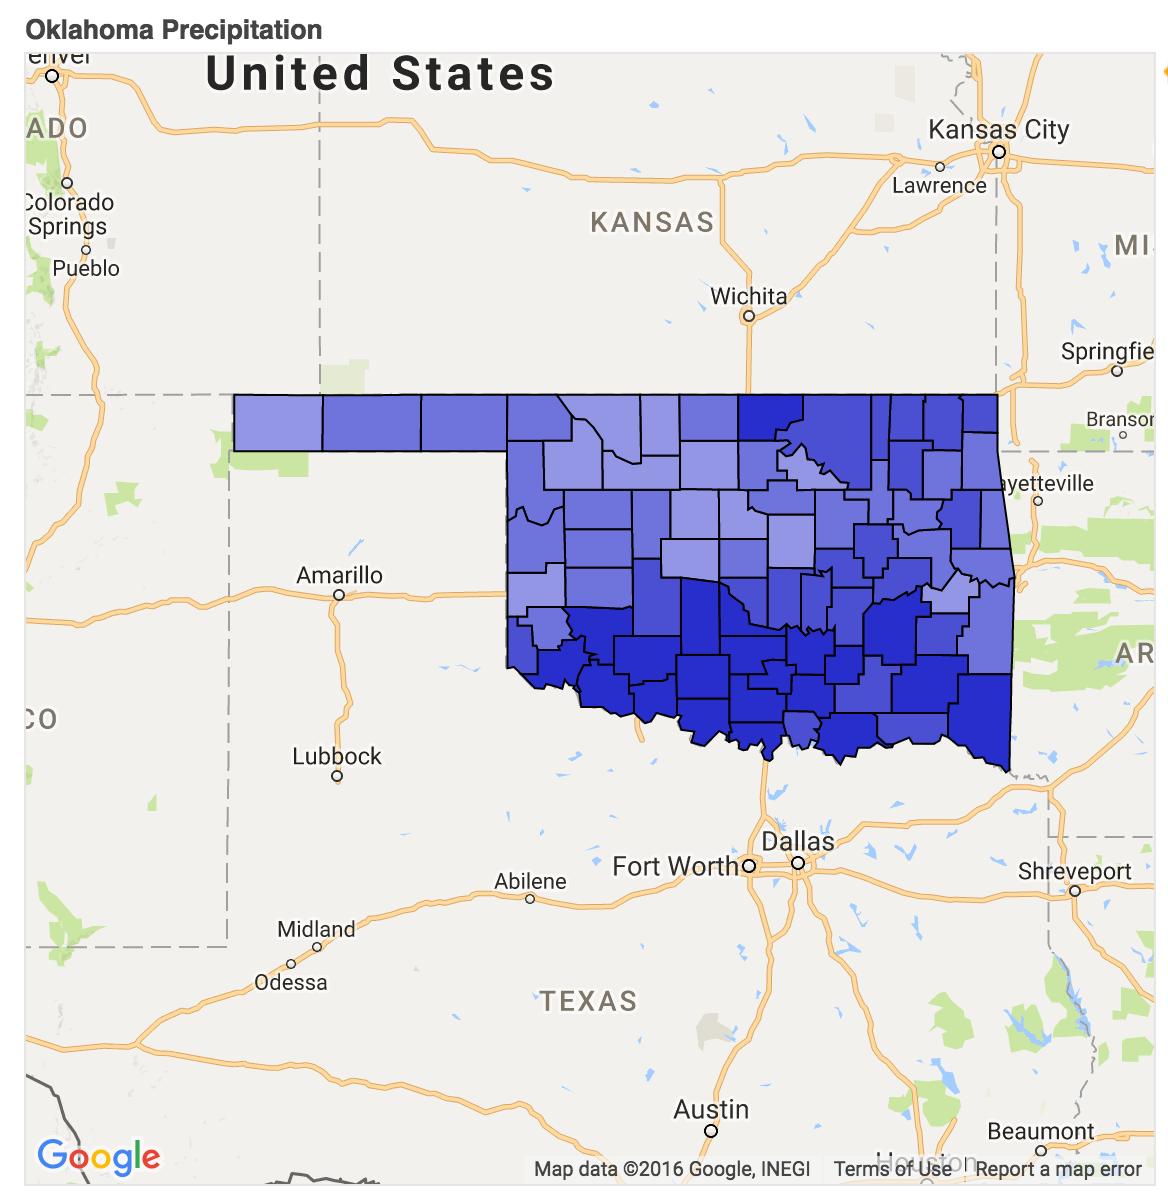 http://cdn2.hubspot.net/hubfs/604407/blog-files/bokeh_counties_plotted.png